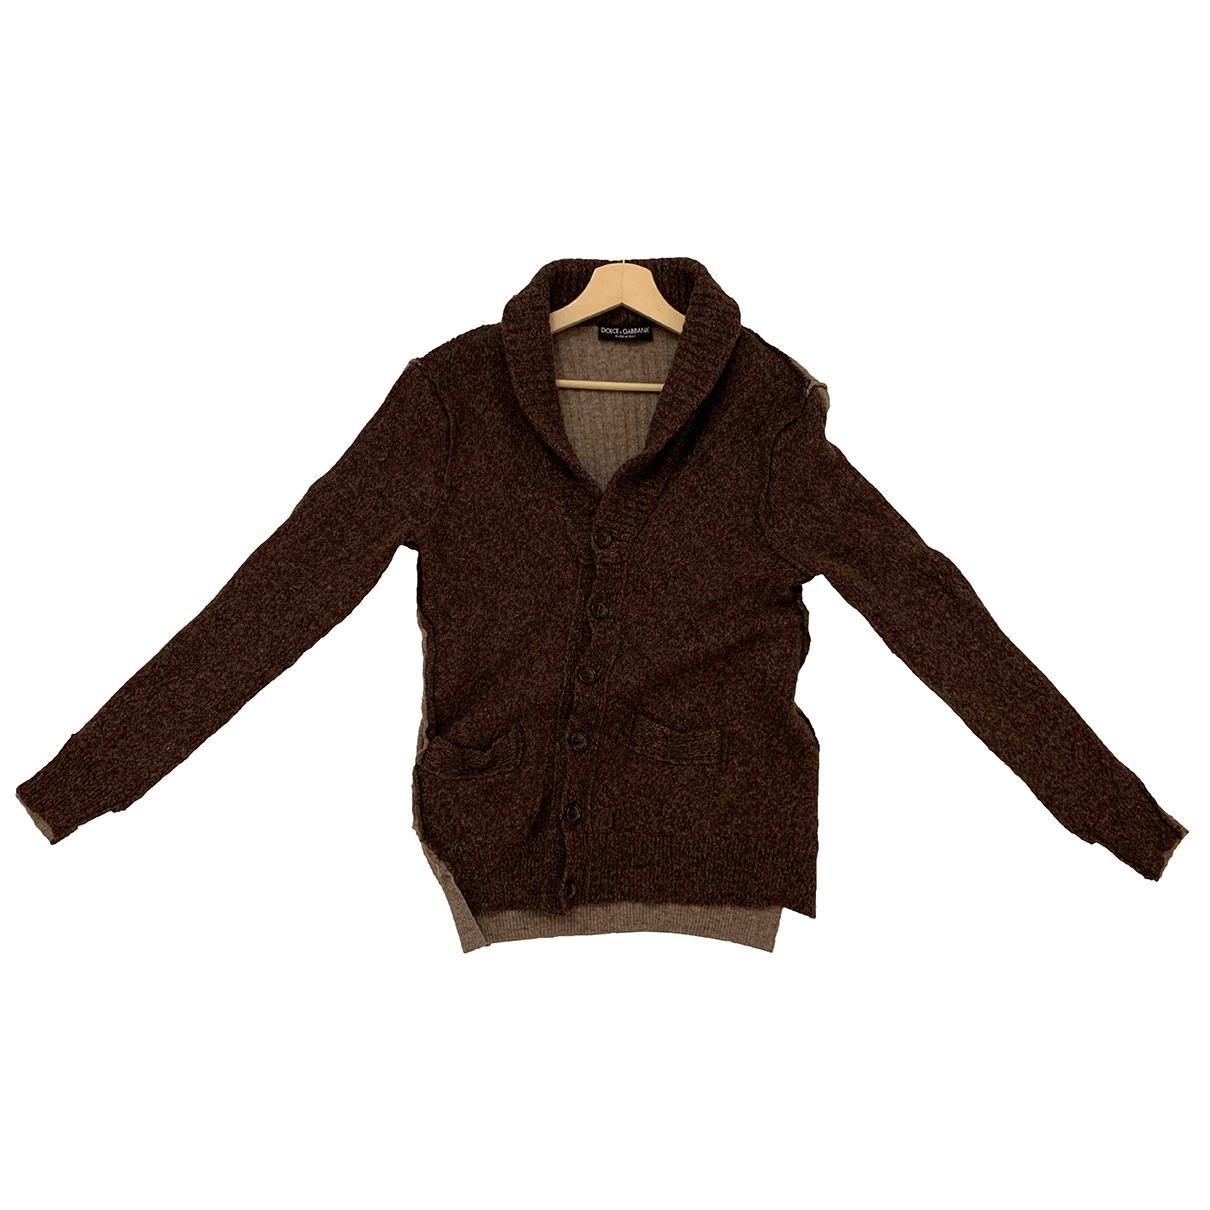 Dolce & Gabbana - Pulls.Gilets.Sweats   pour homme en laine - marron